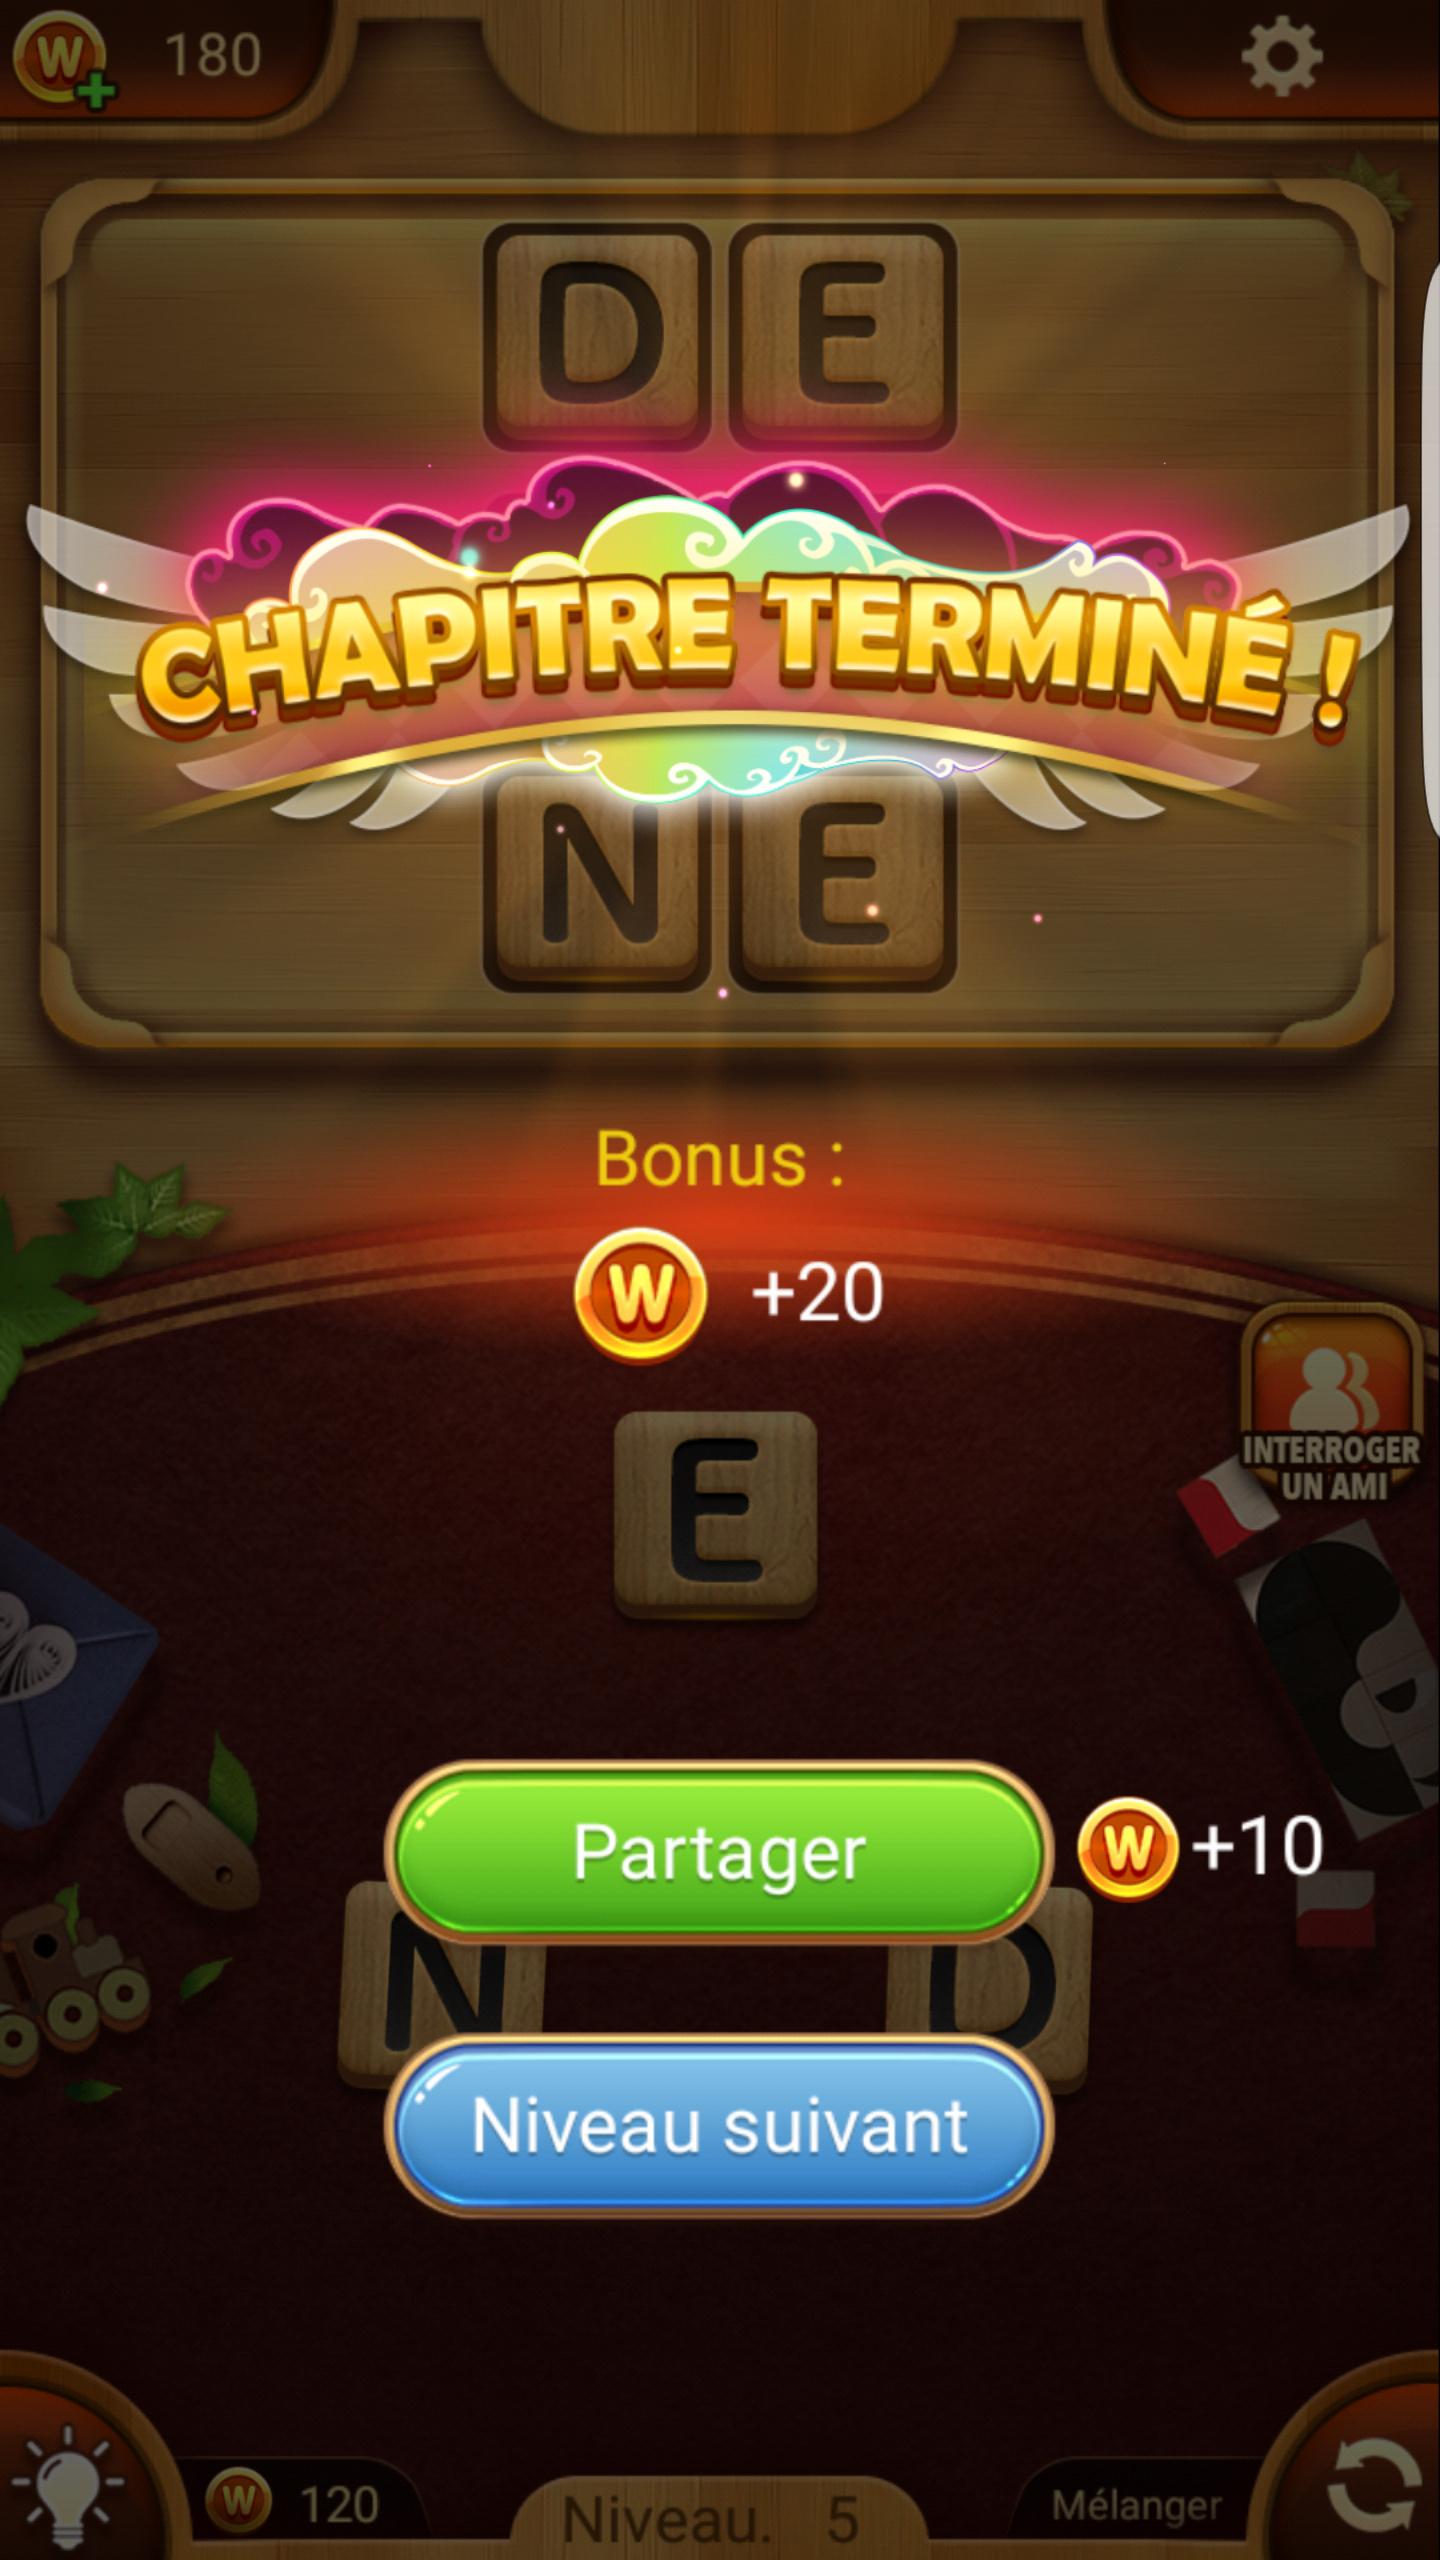 Pro Des Mots Android 17/20 (Test, Photos) pour Jeux Gratuit De Mots